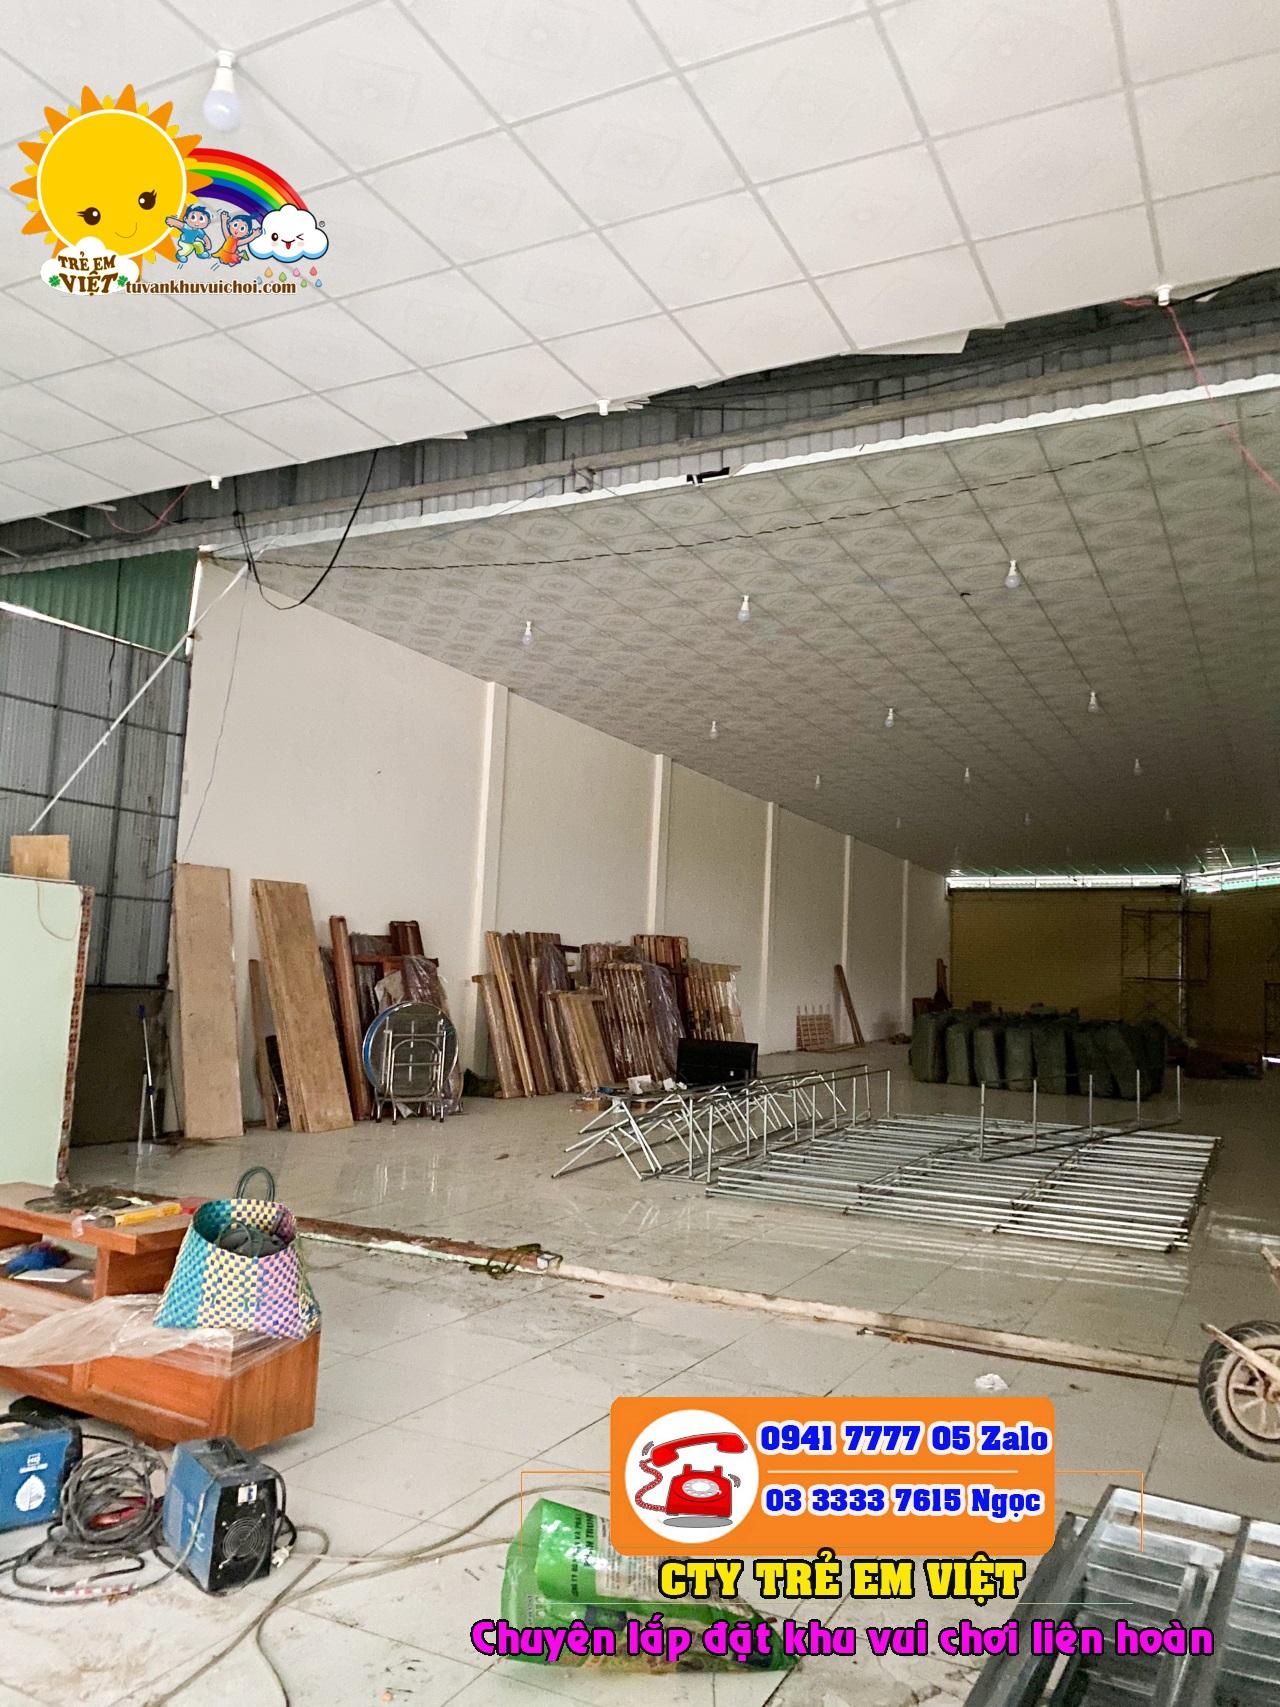 Mặt bằng khu vui chơi đang được thi công xây dựng với diện tích 200m2 với chiều cao trần 4.8m.